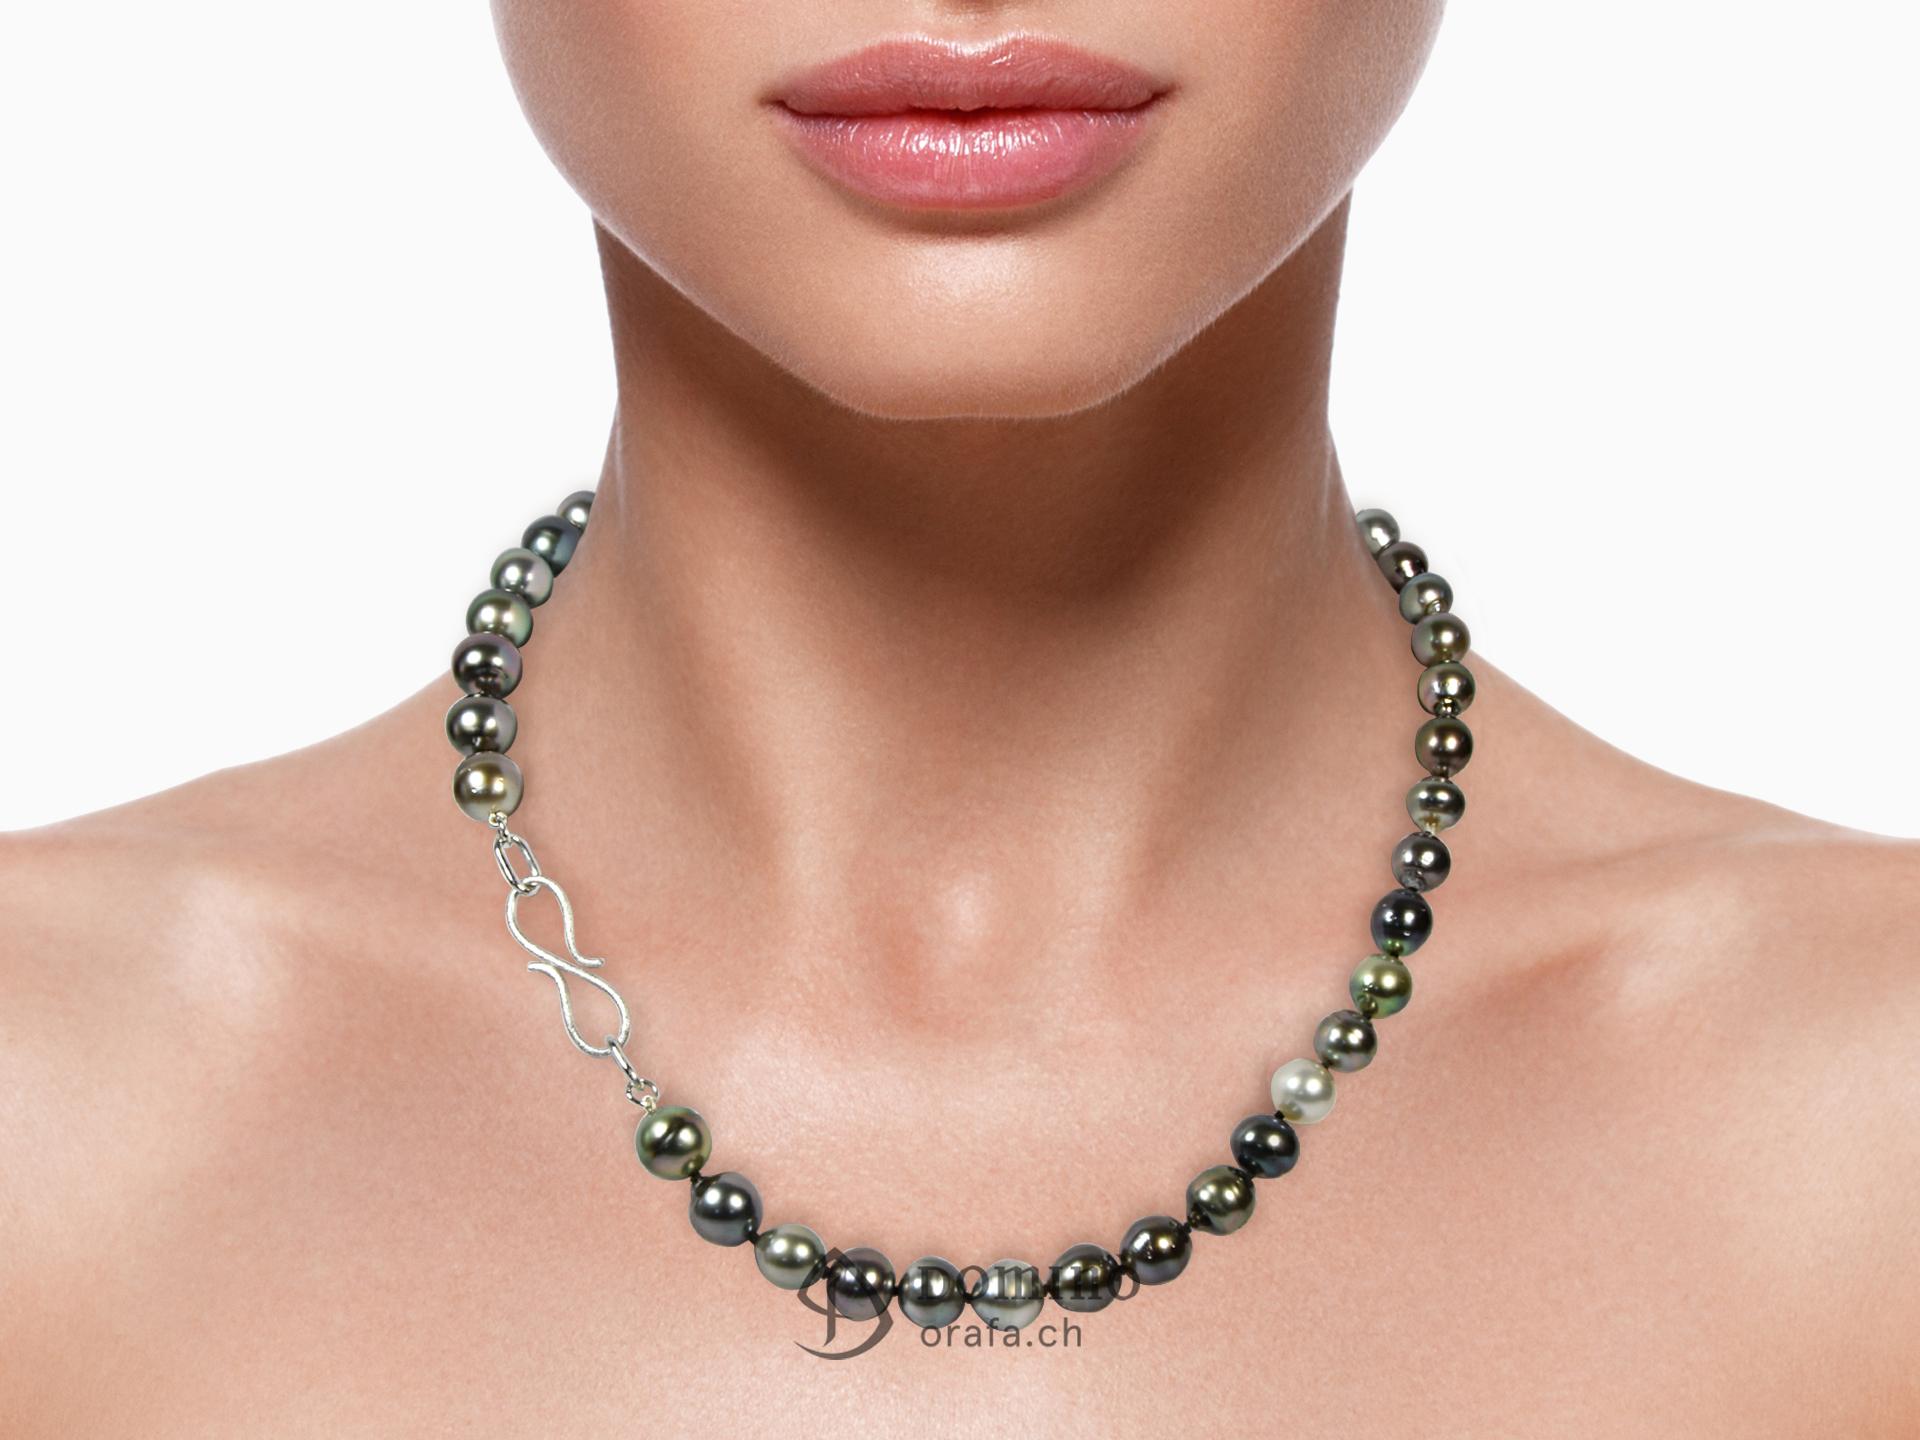 collier-perle-tahiti-fermaglio-oro-bianco-1